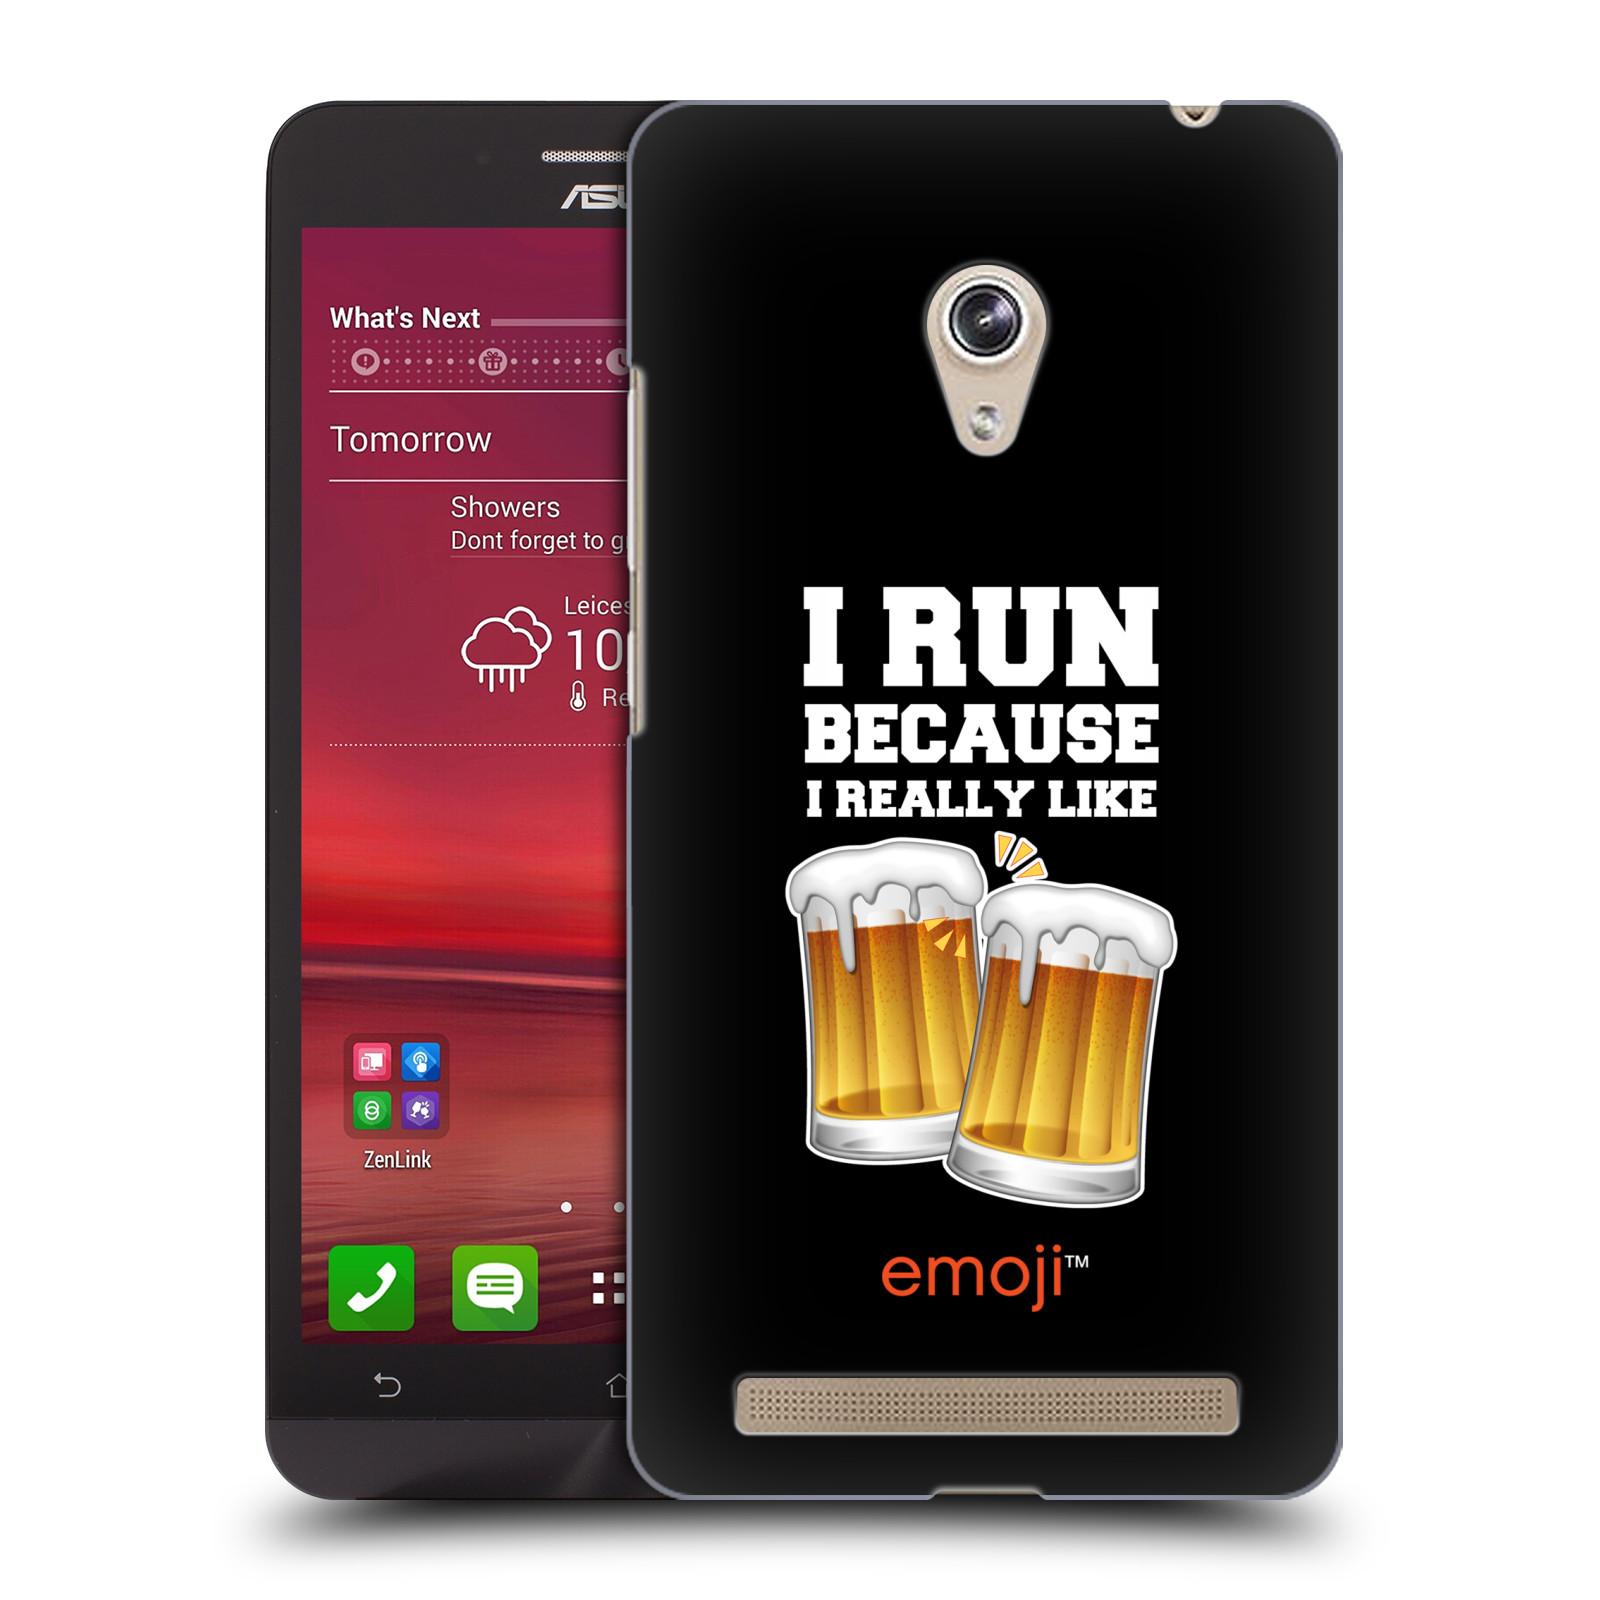 Plastové pouzdro na mobil Asus Zenfone 6 HEAD CASE EMOJI - Běhám na pivko (Kryt či obal s oficiálním motivem EMOJI na mobilní telefon Asus Zenfone 6 A600CG / A601CG)